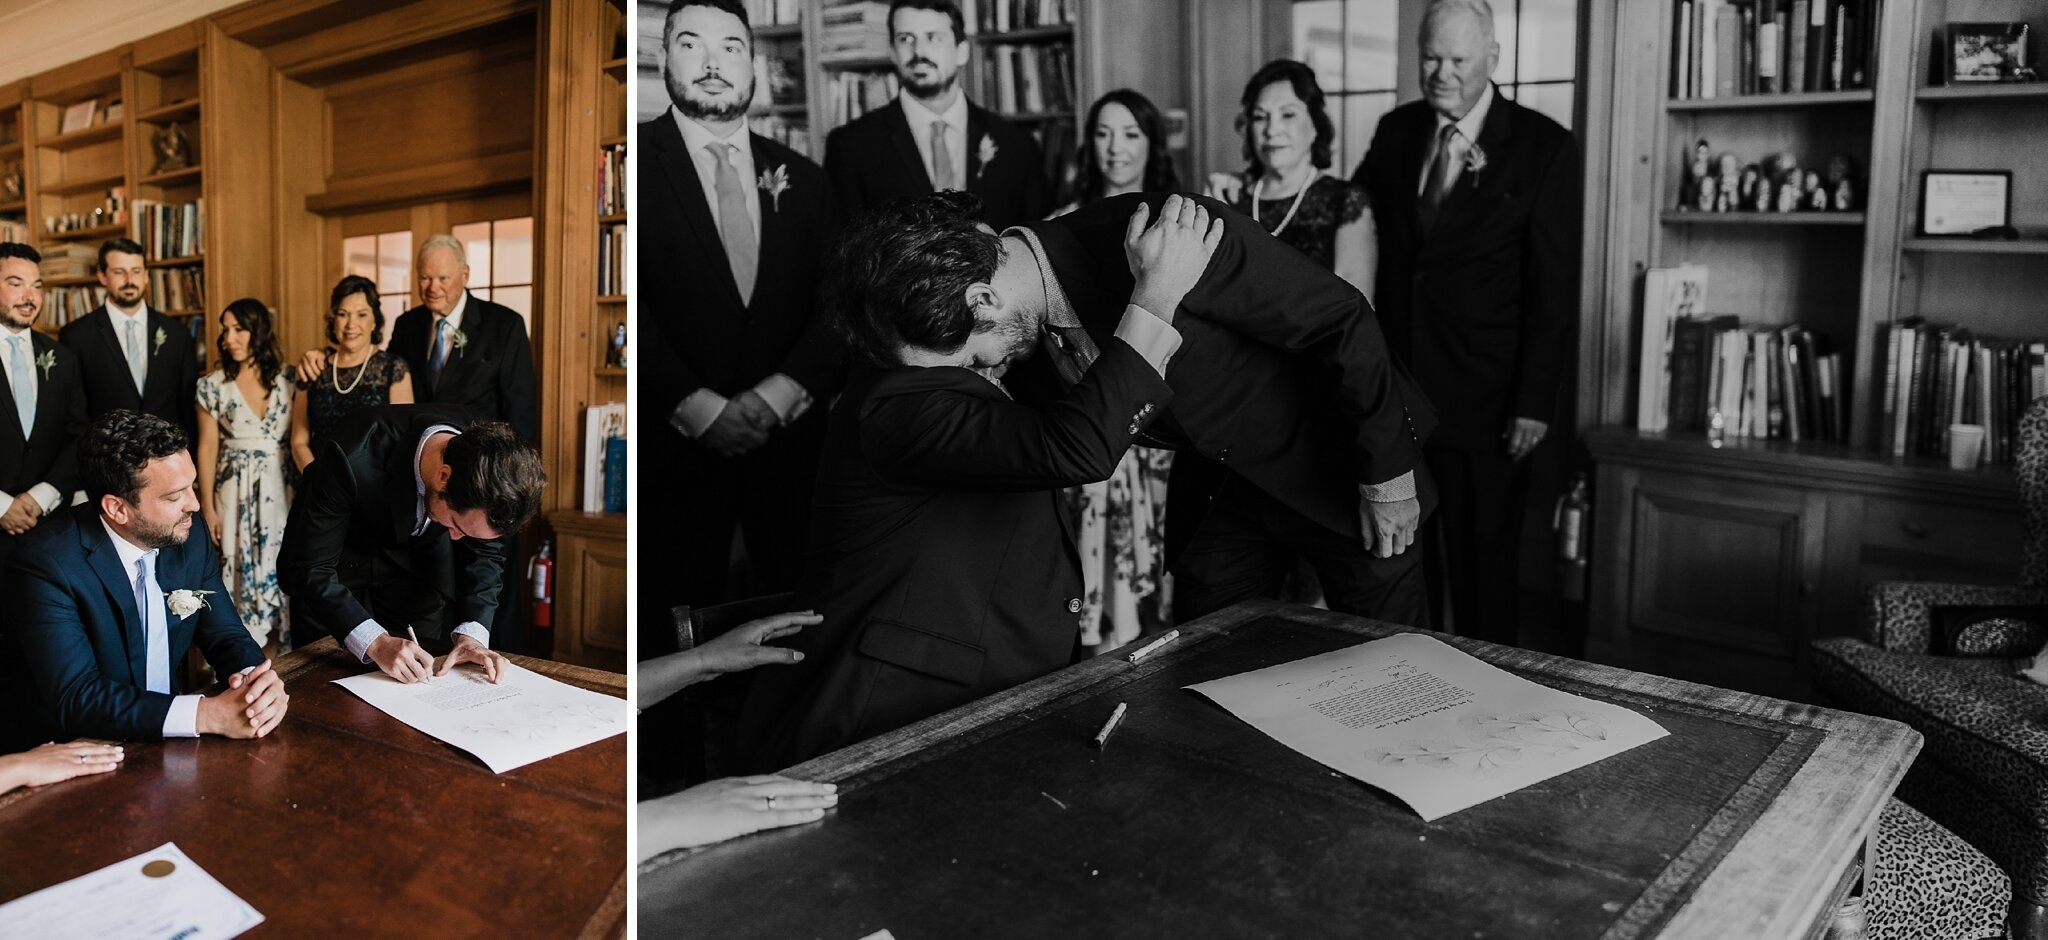 Alicia+lucia+photography+-+albuquerque+wedding+photographer+-+santa+fe+wedding+photography+-+new+mexico+wedding+photographer+-+new+mexico+wedding+-+wedding+-+albuquerque+wedding+-+los+poblanos+-+los+poblanos+wedding+-+fall+wedding_0039.jpg